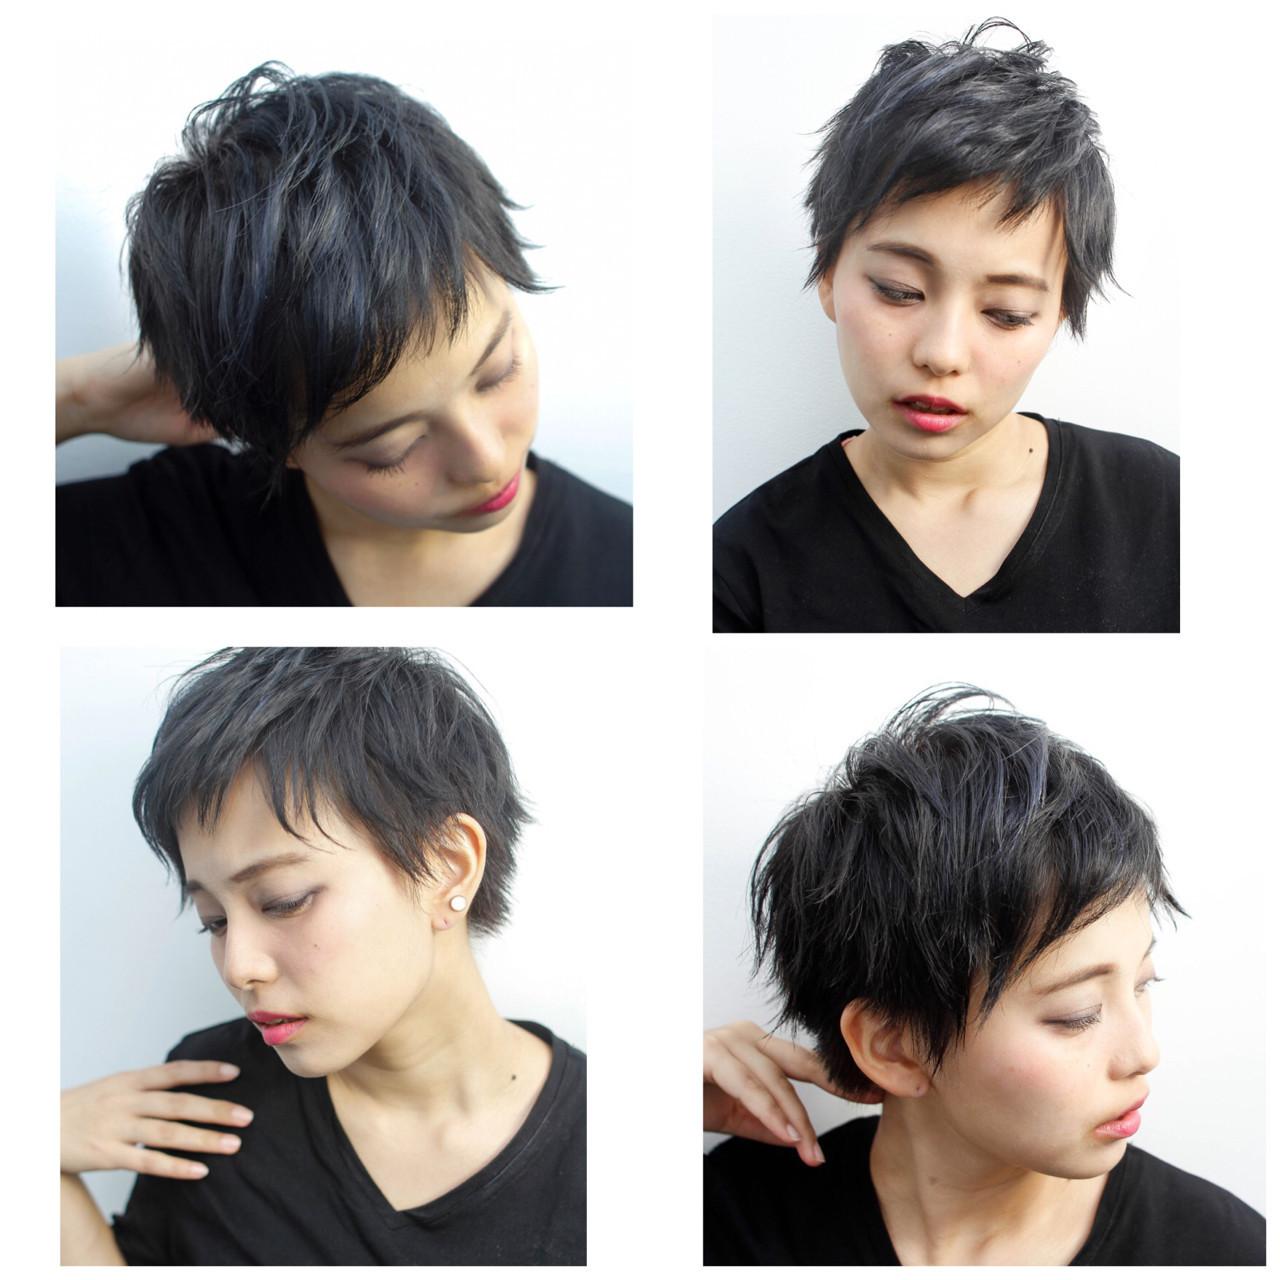 ハイライト グレージュ 暗髪 モード ヘアスタイルや髪型の写真・画像